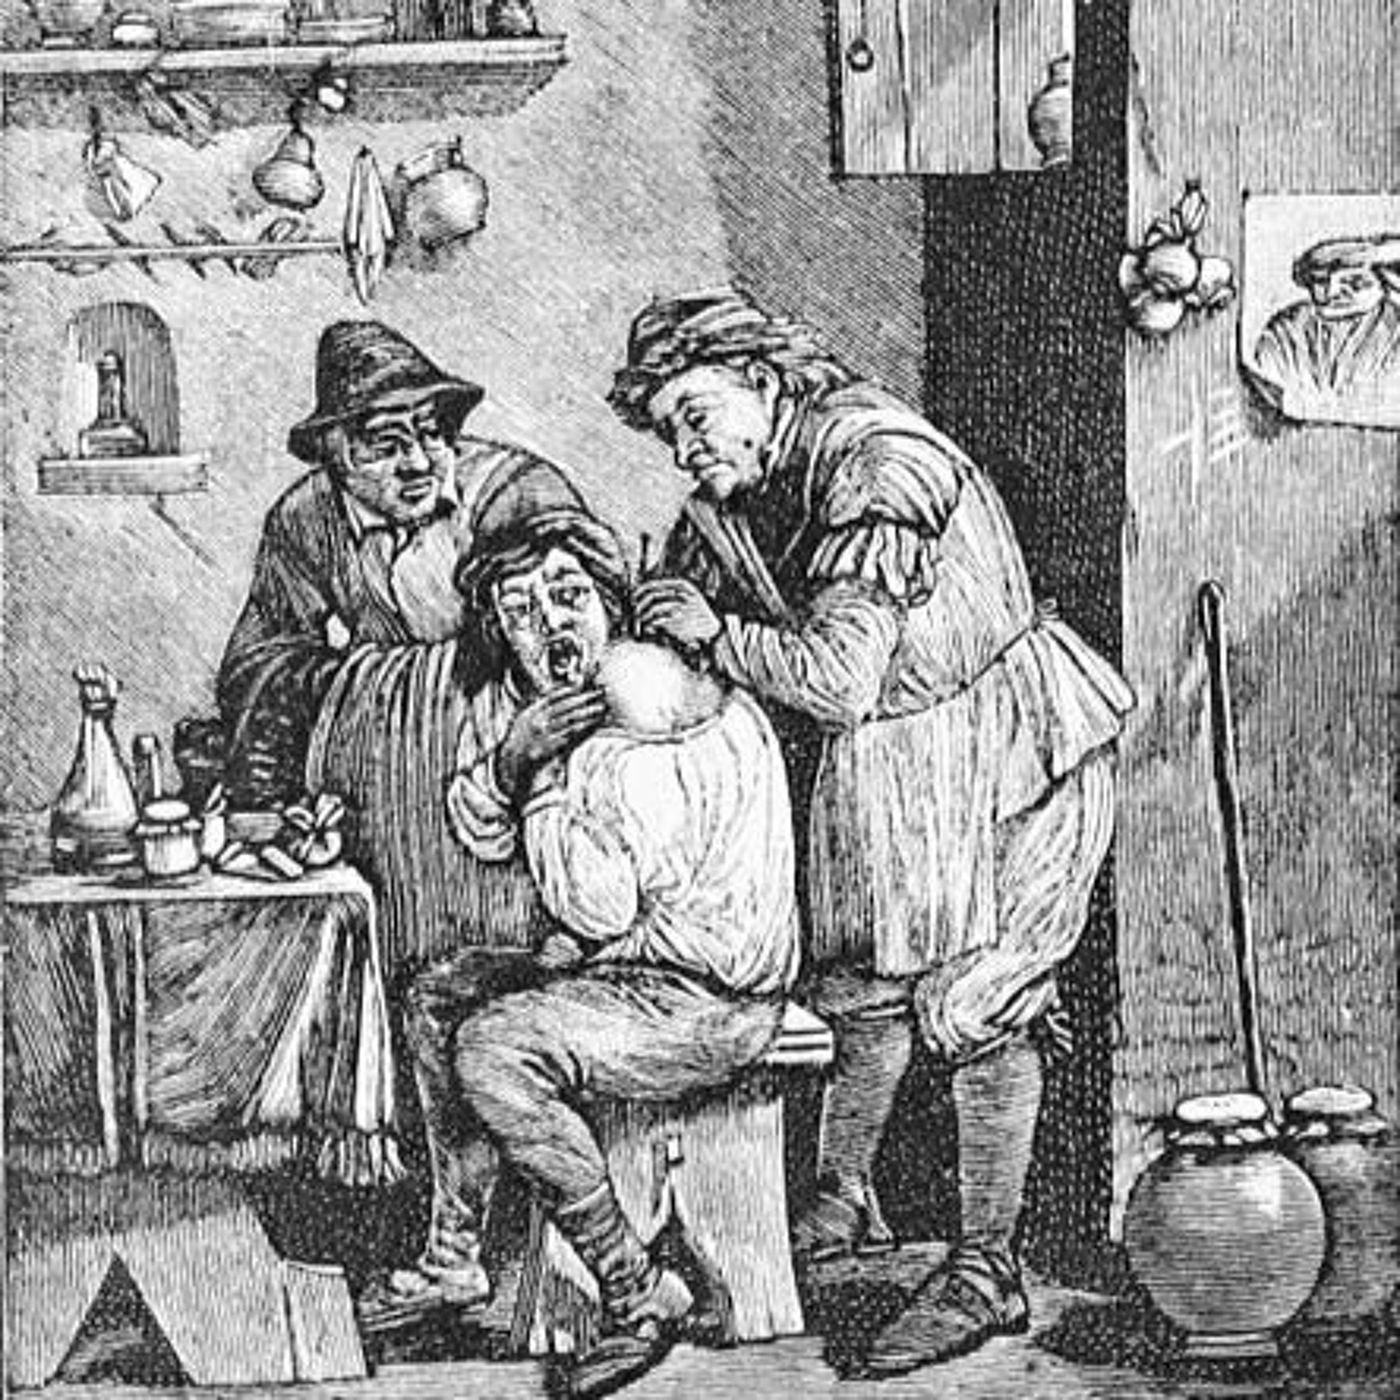 Ep 49- Medicine in the American Revolution